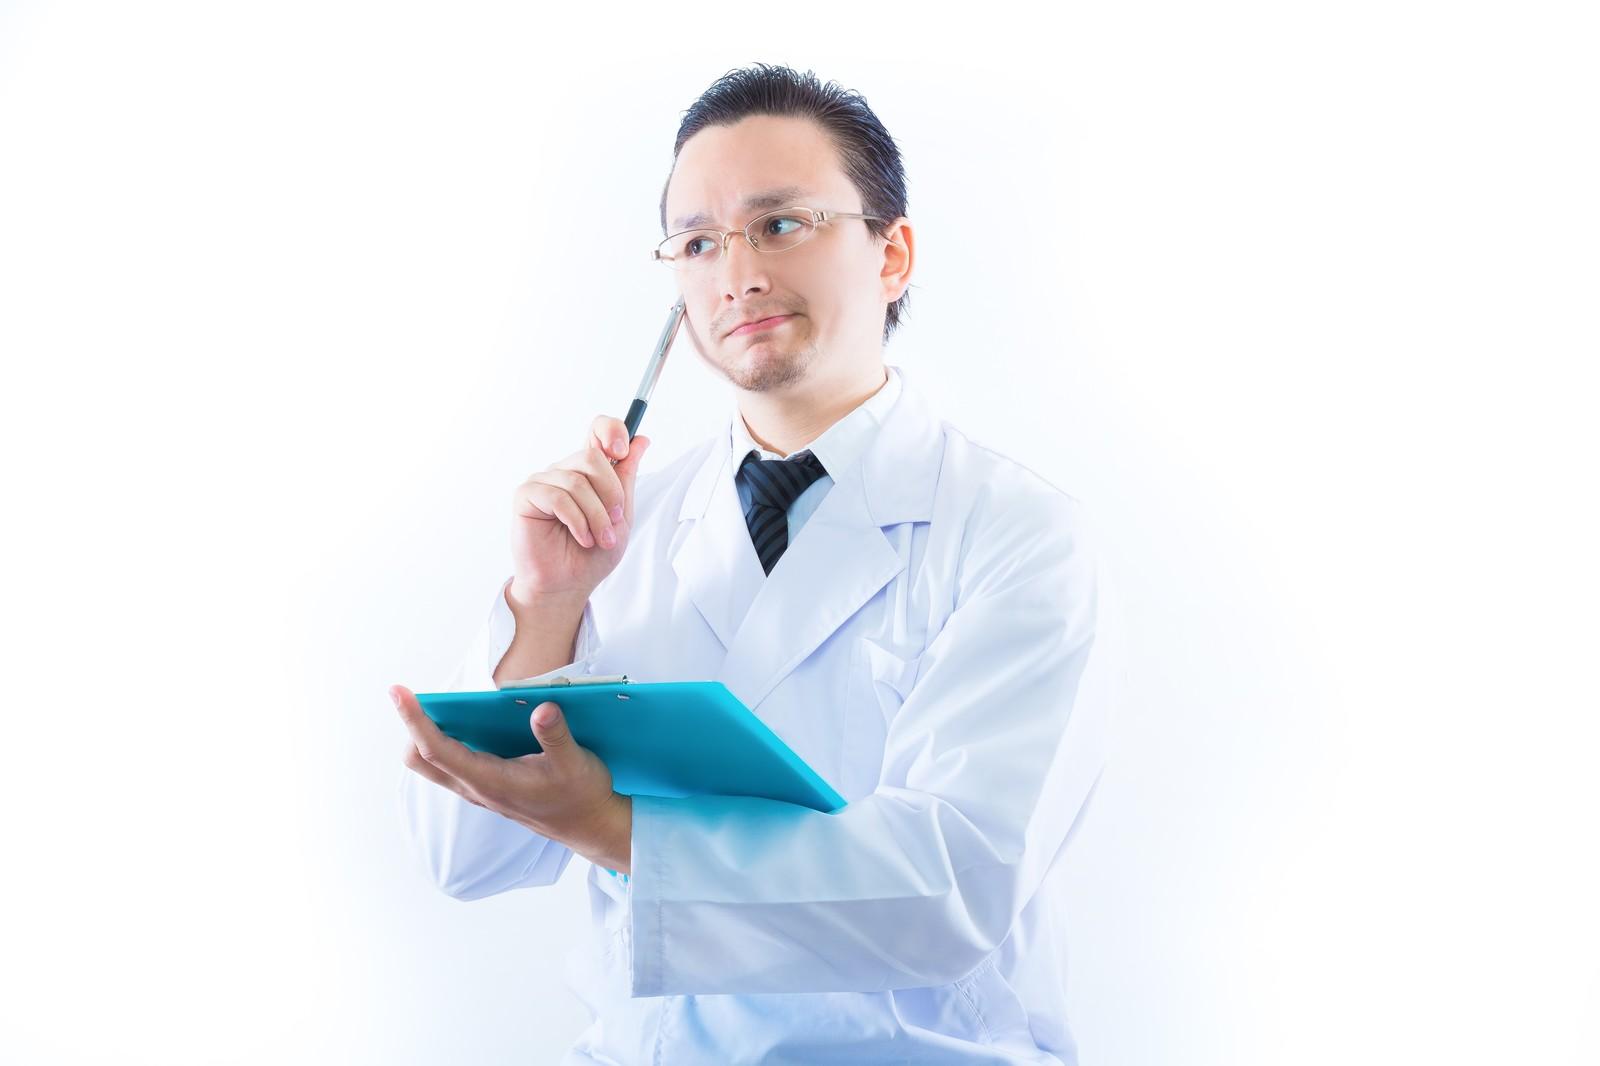 「う~ん」と悩みながら診断しようとしているお医者さん